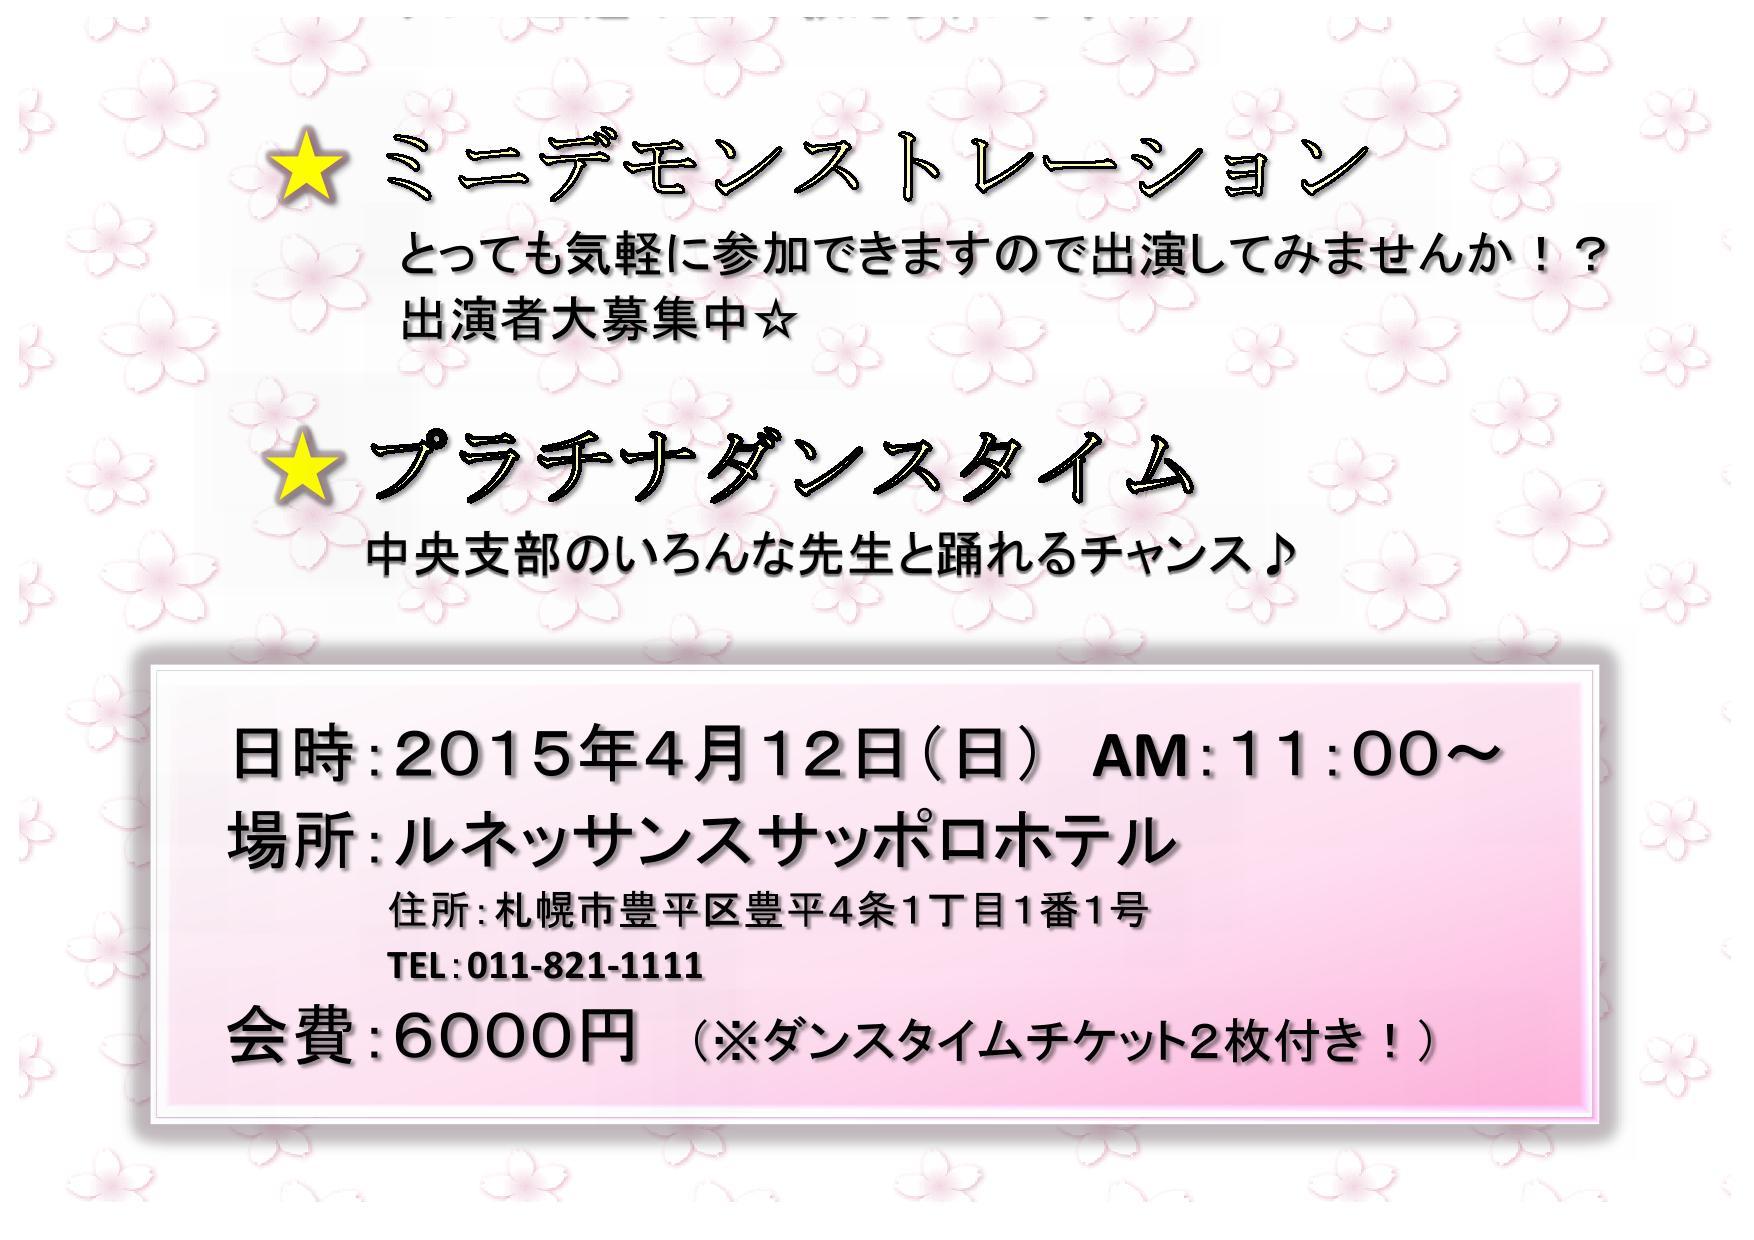 20150412中央メダルテスト2